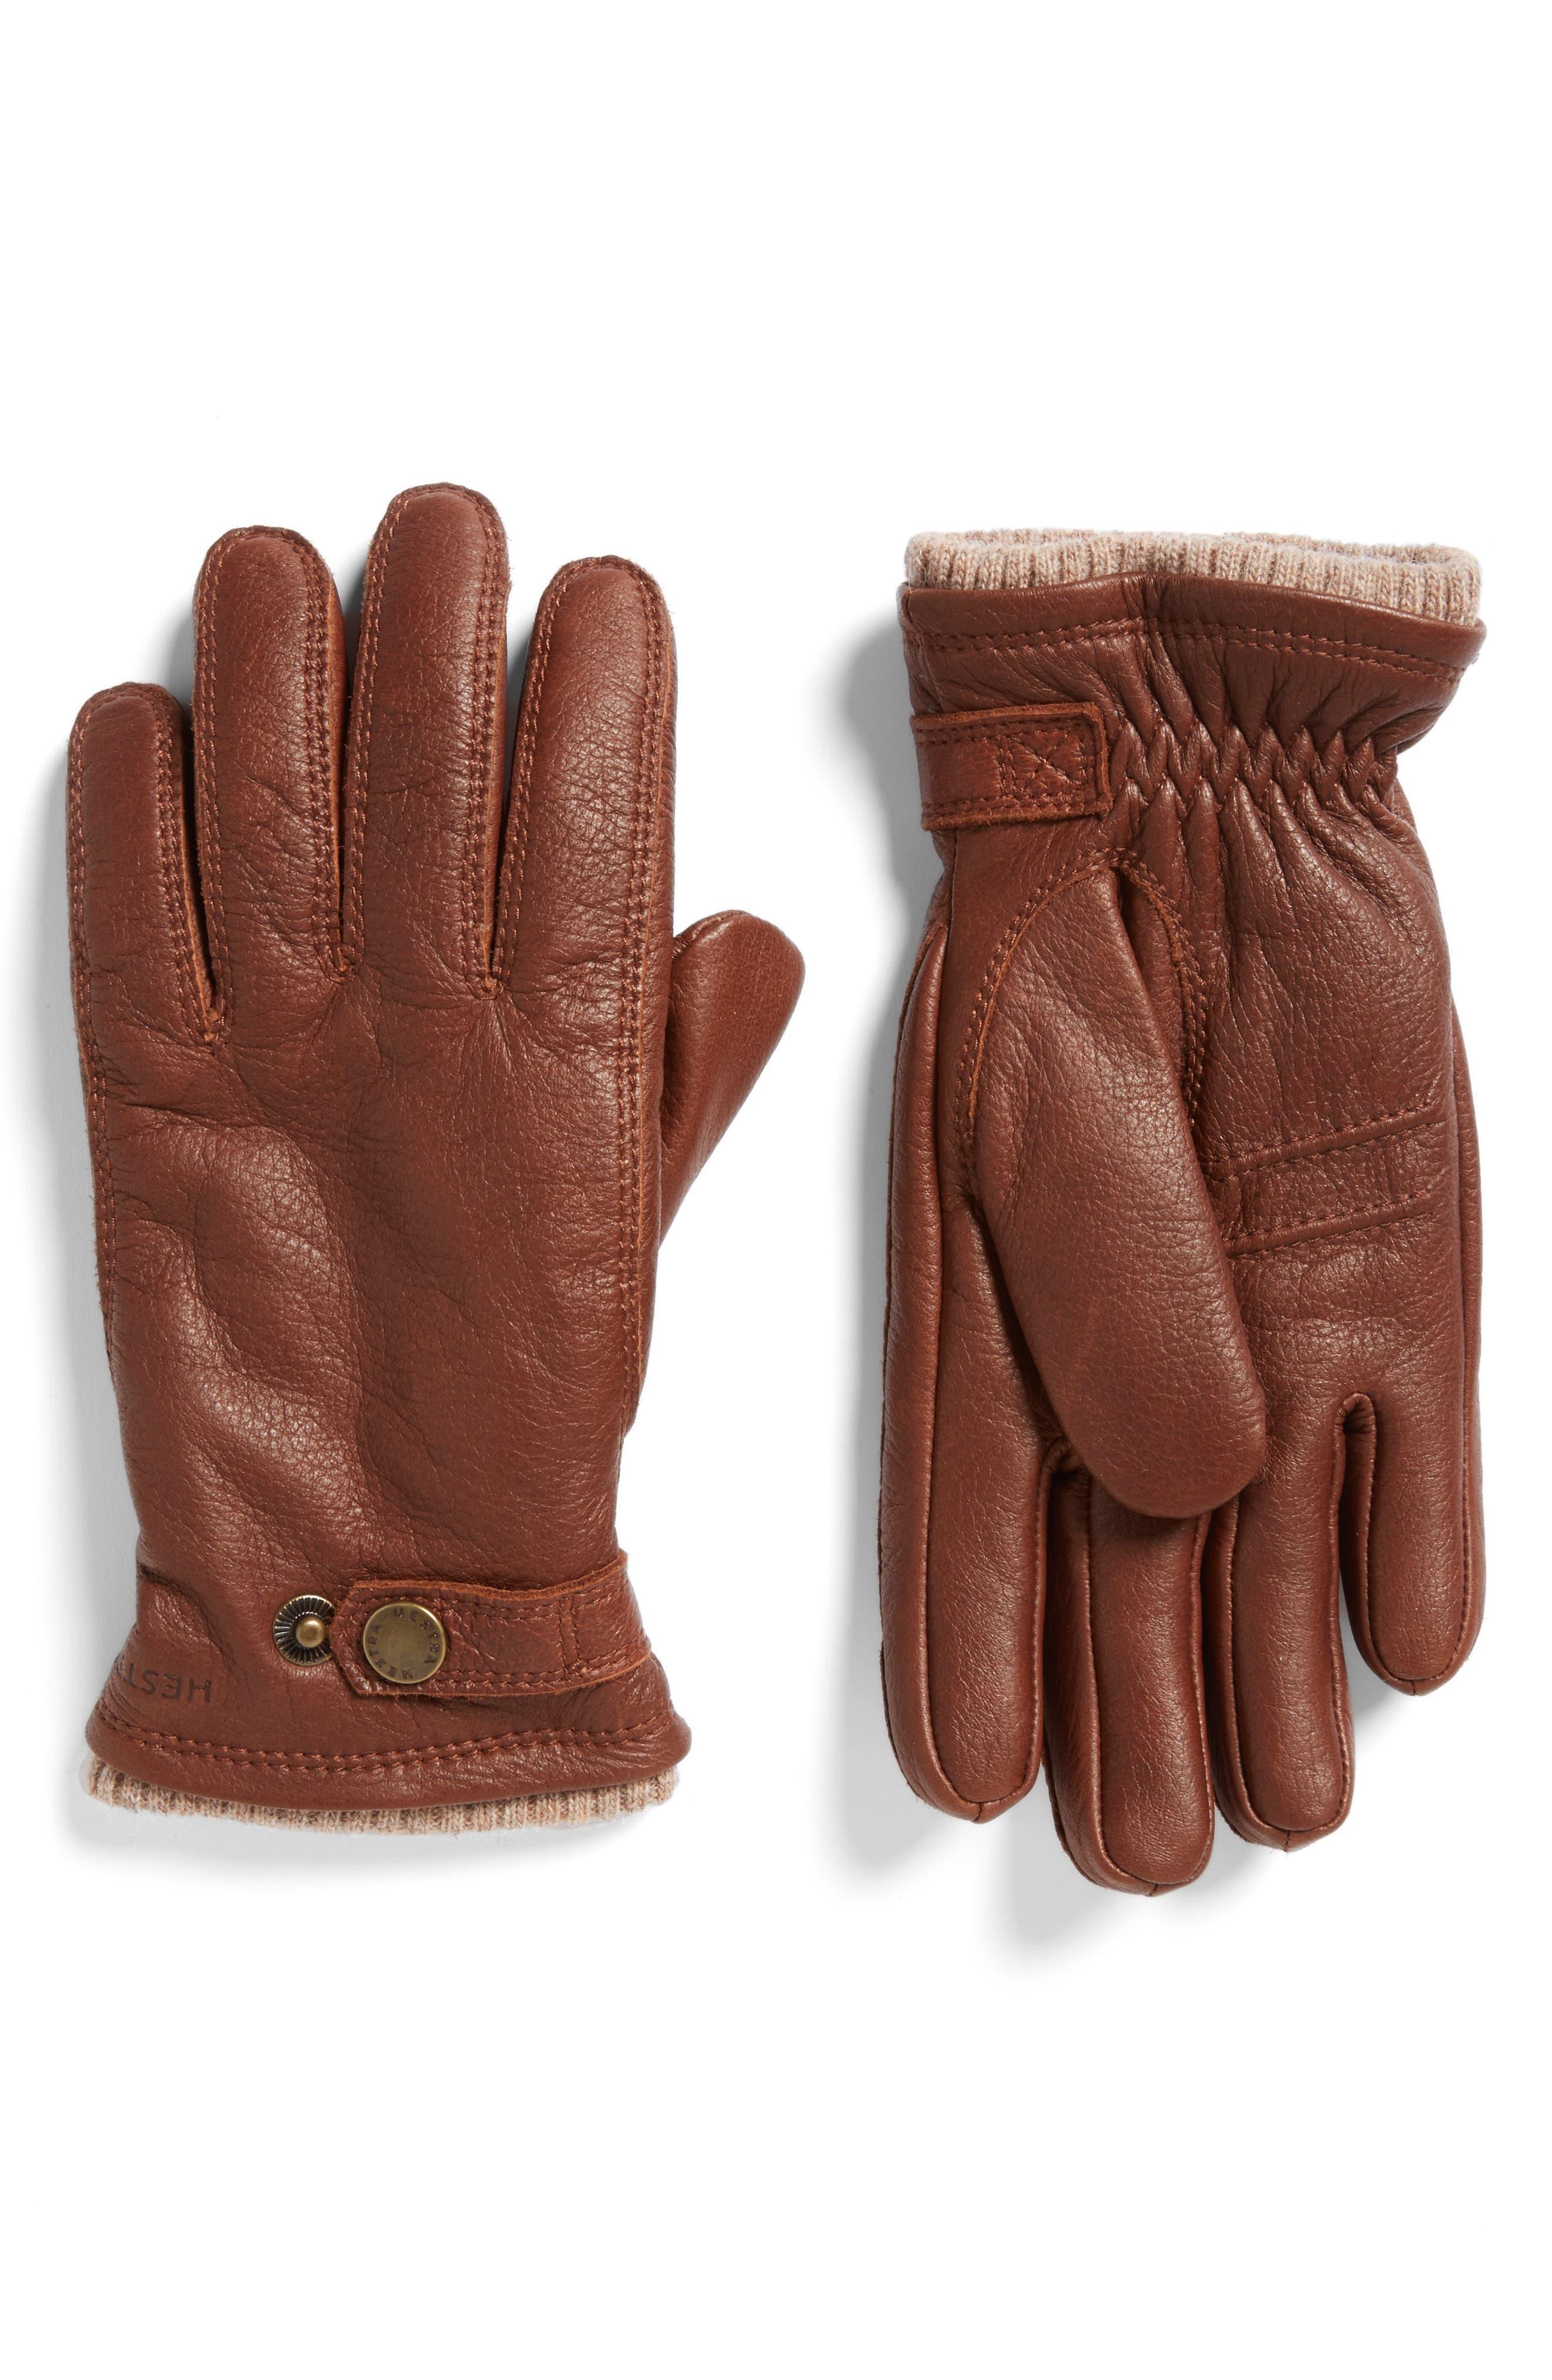 Hestra Utsjo Leather Gloves, Brown